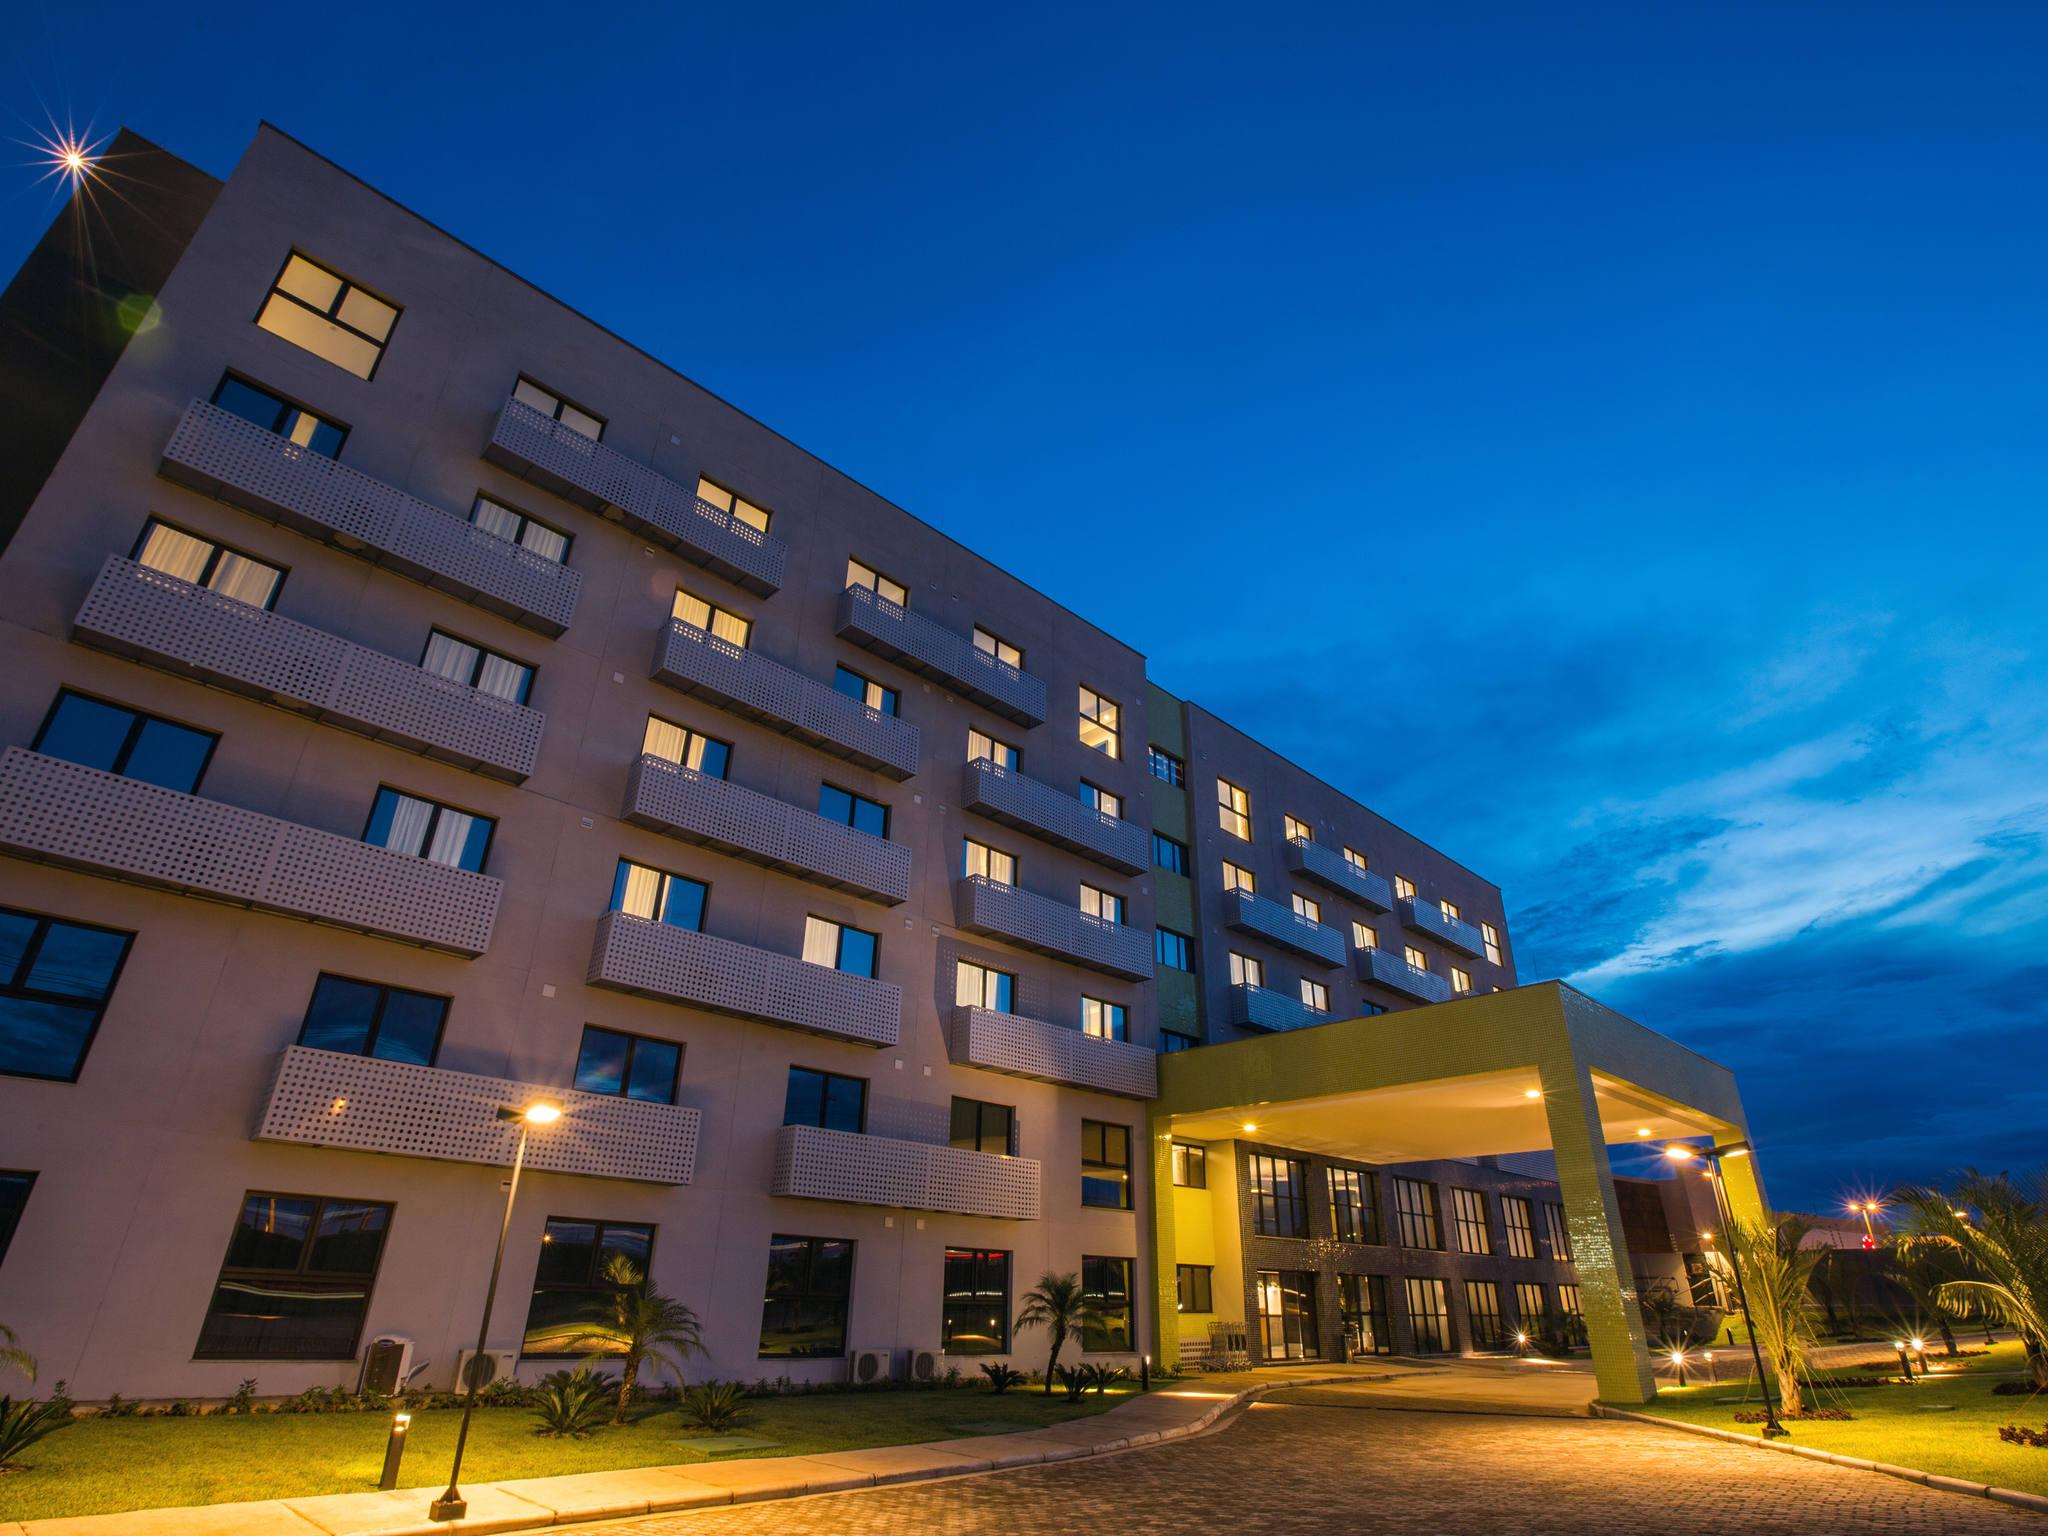 Hotel – ibis Styles Parauapebas (abre em junho de 2018)